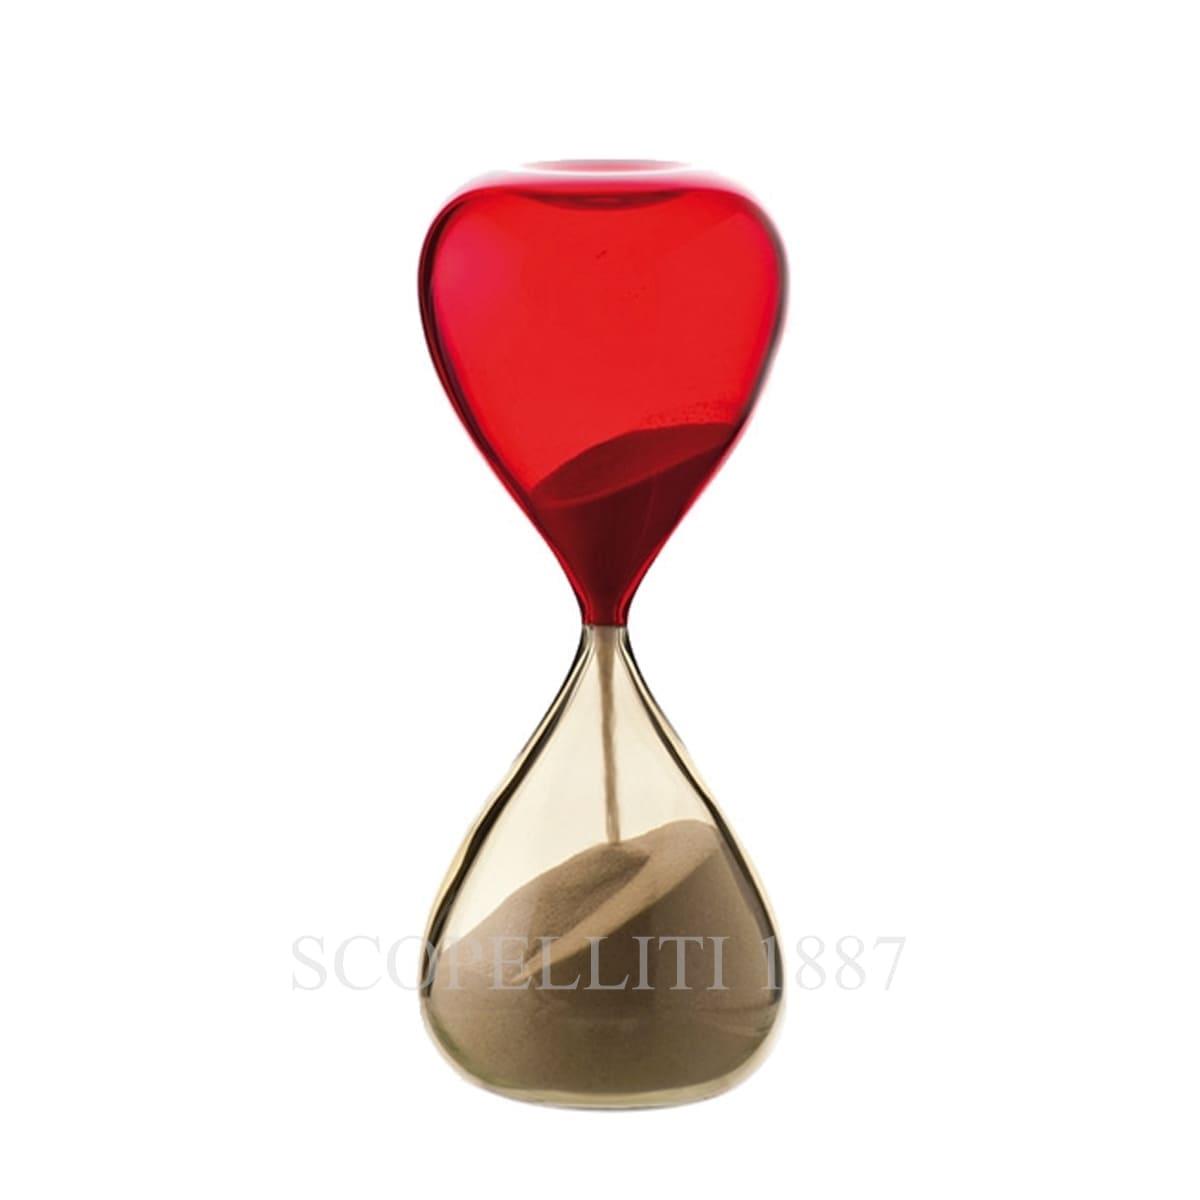 Venini Clessidre Hourglass 420.06 straw yellow/red